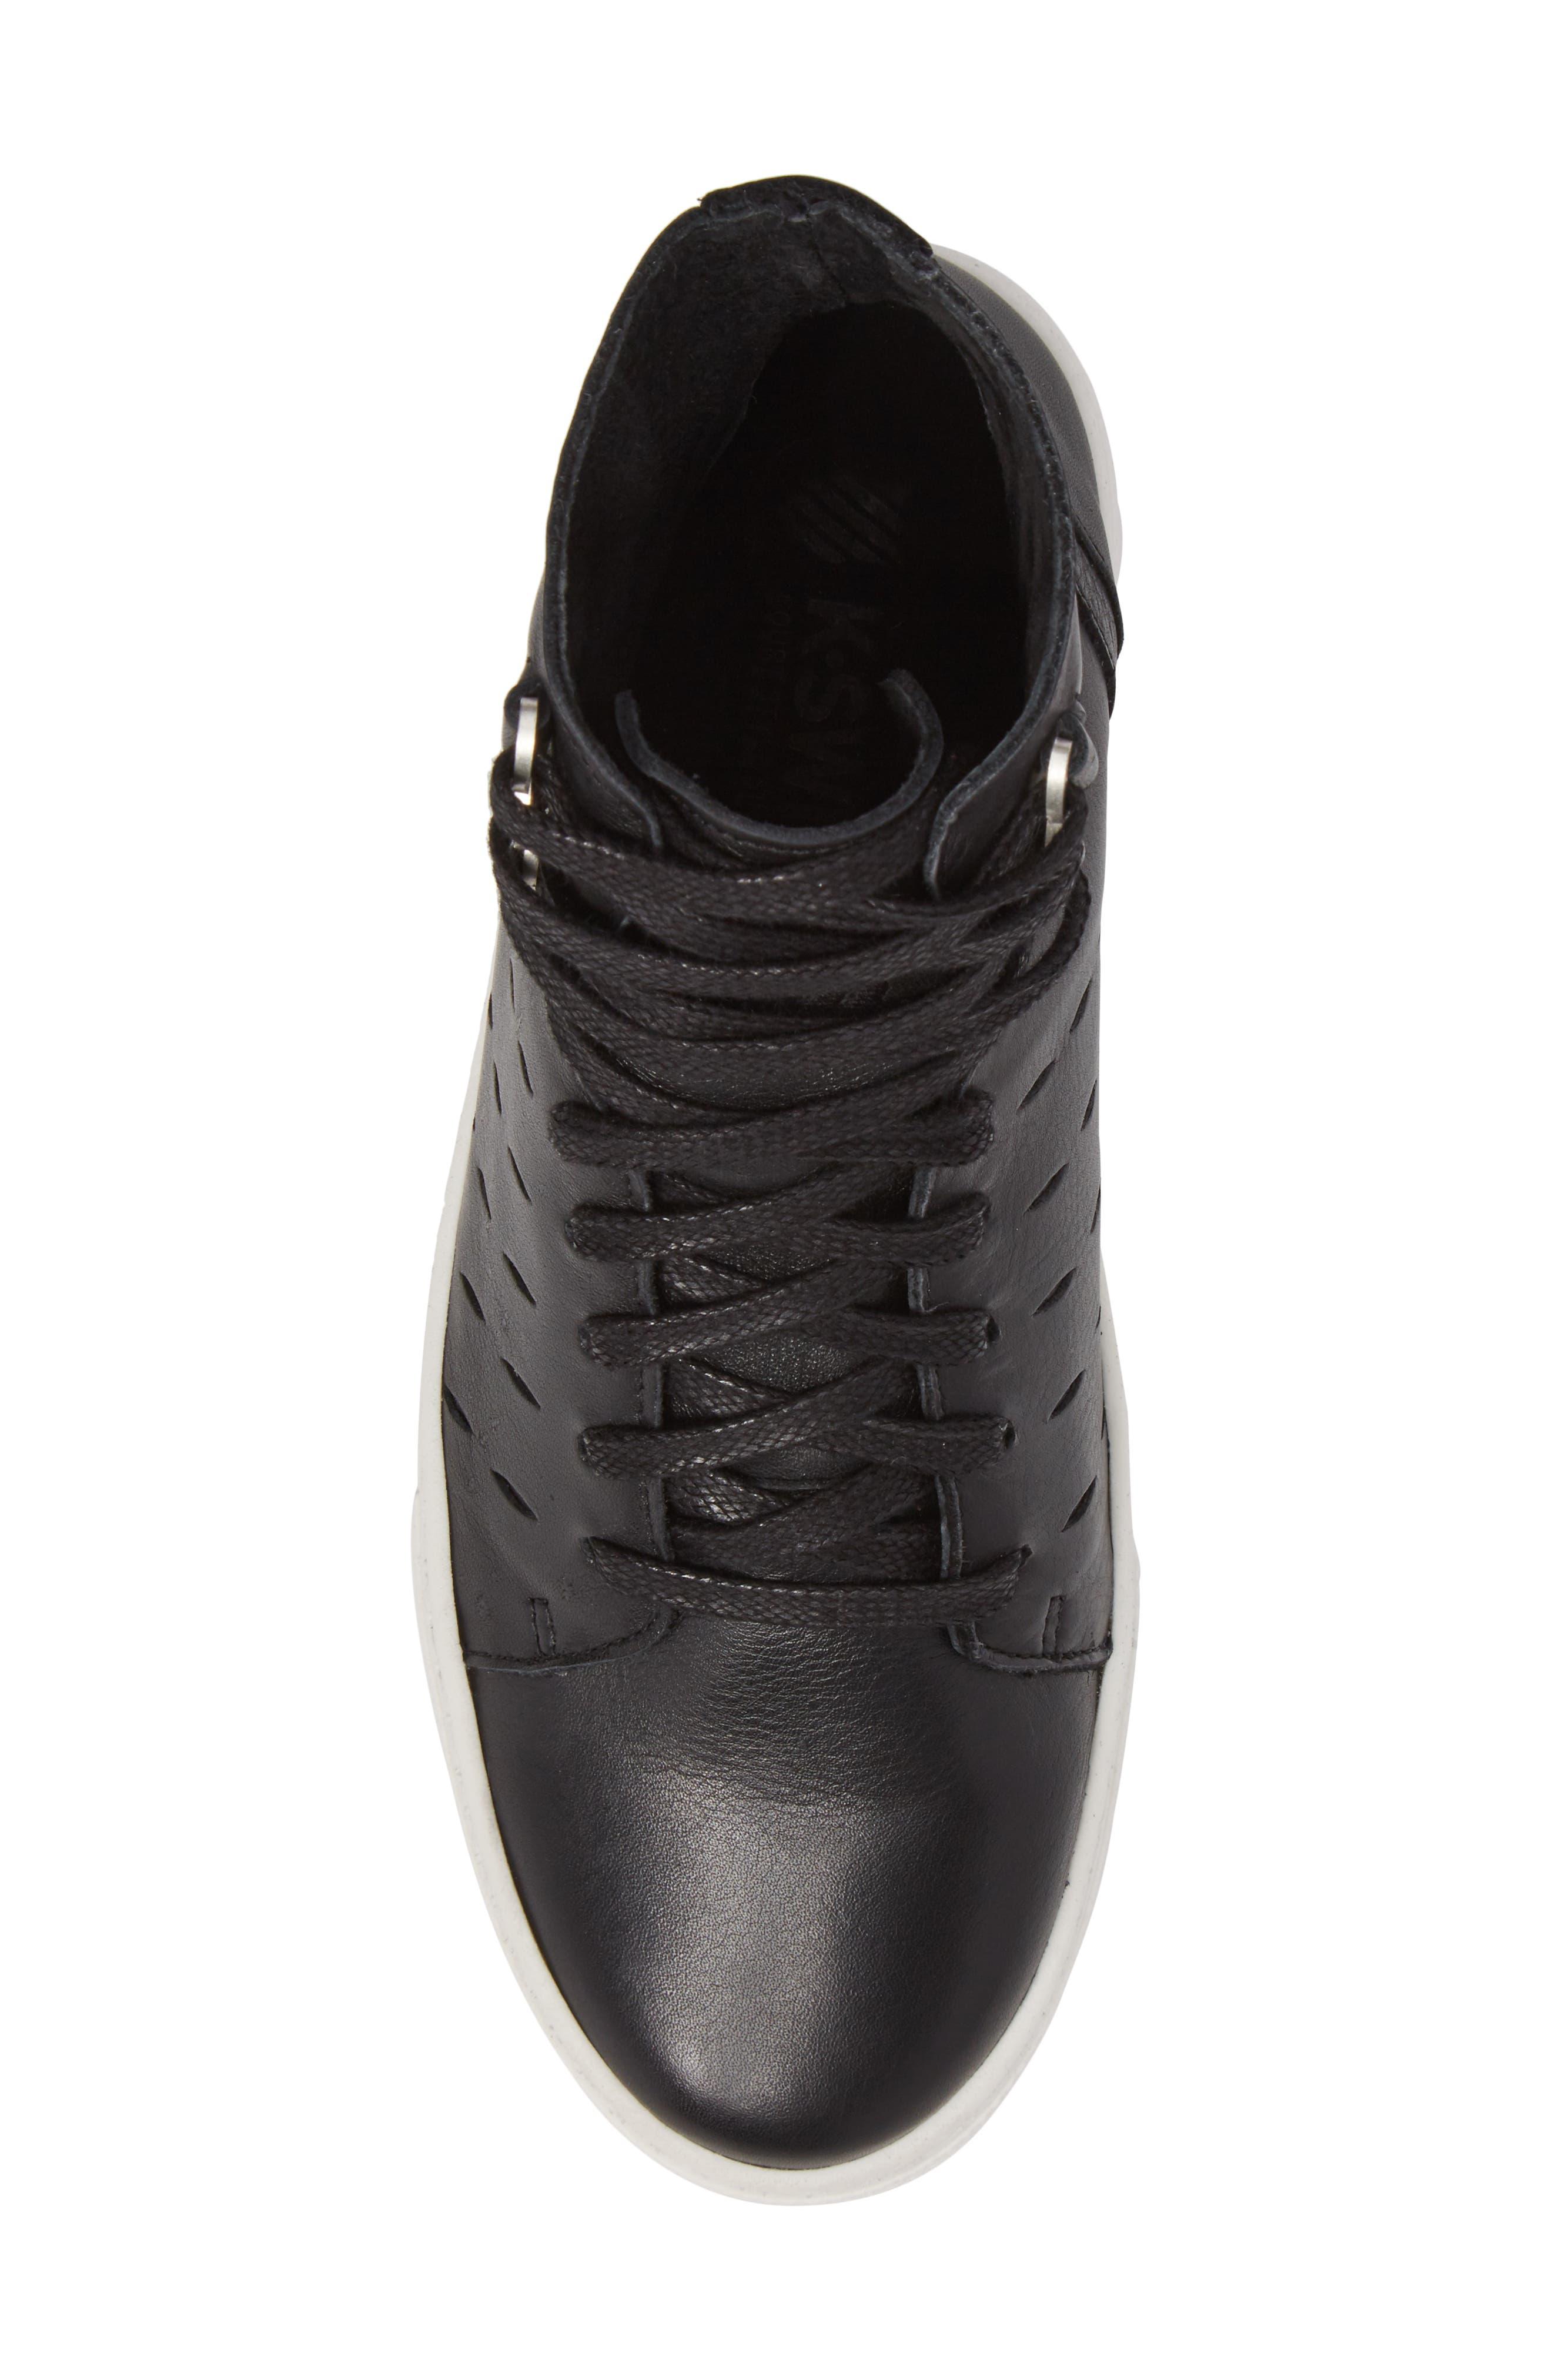 Modern High Top Sneaker,                             Alternate thumbnail 5, color,                             BLACK/ OFF WHITE